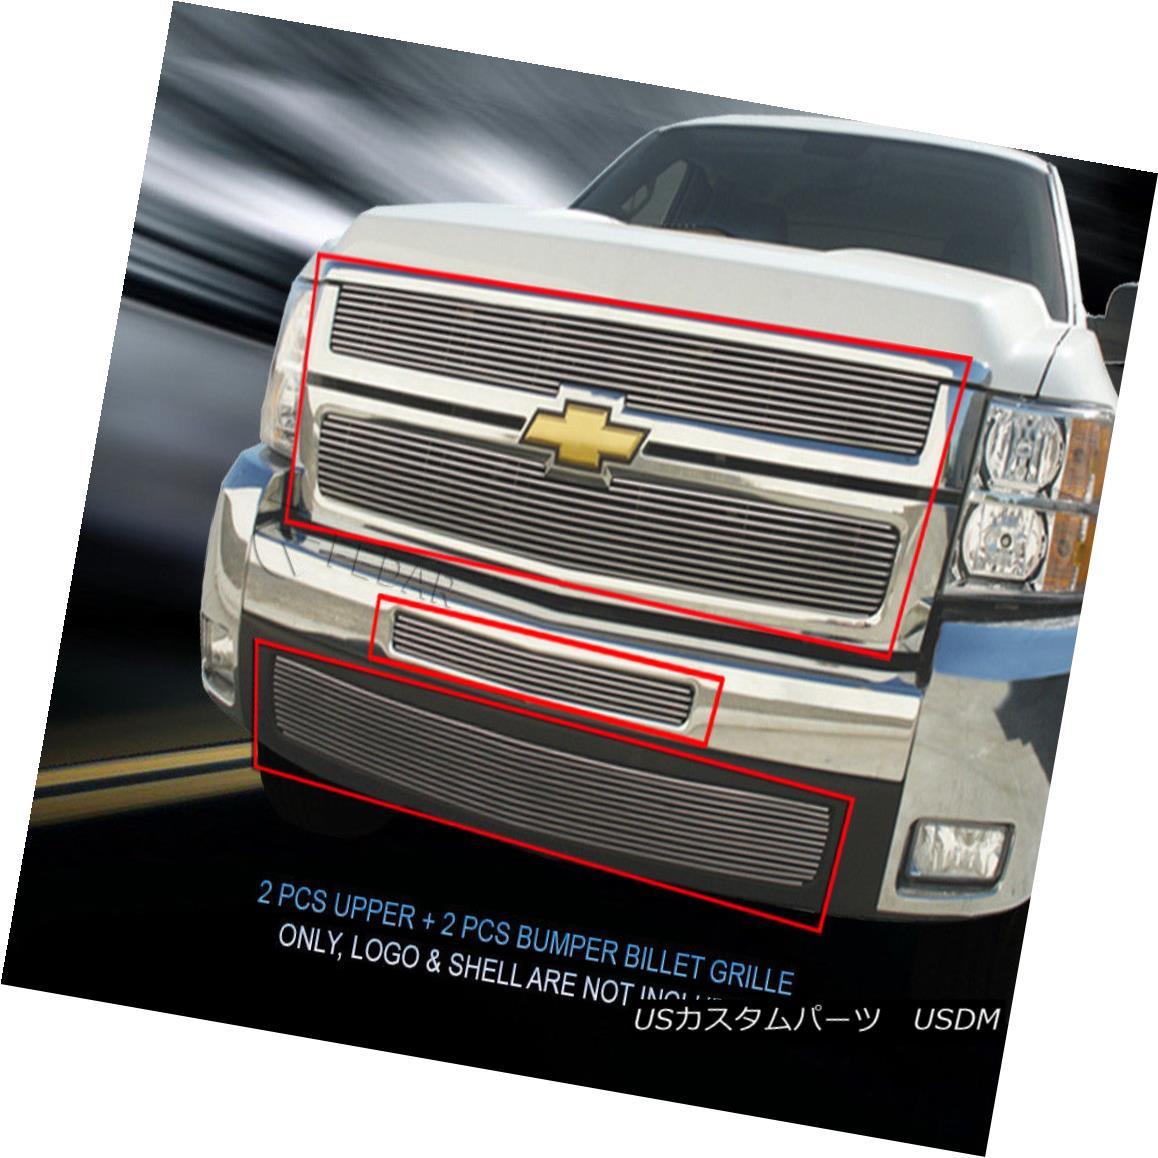 グリル Fedar Fits 2007-2010 Chevy Silverado 2500HD/3500HD Polished Billet Grille Combo Fedar Fits 2007-2010 Chevy Silverado 2500HD / 3500HDポリッシュビレットグリルコンボ